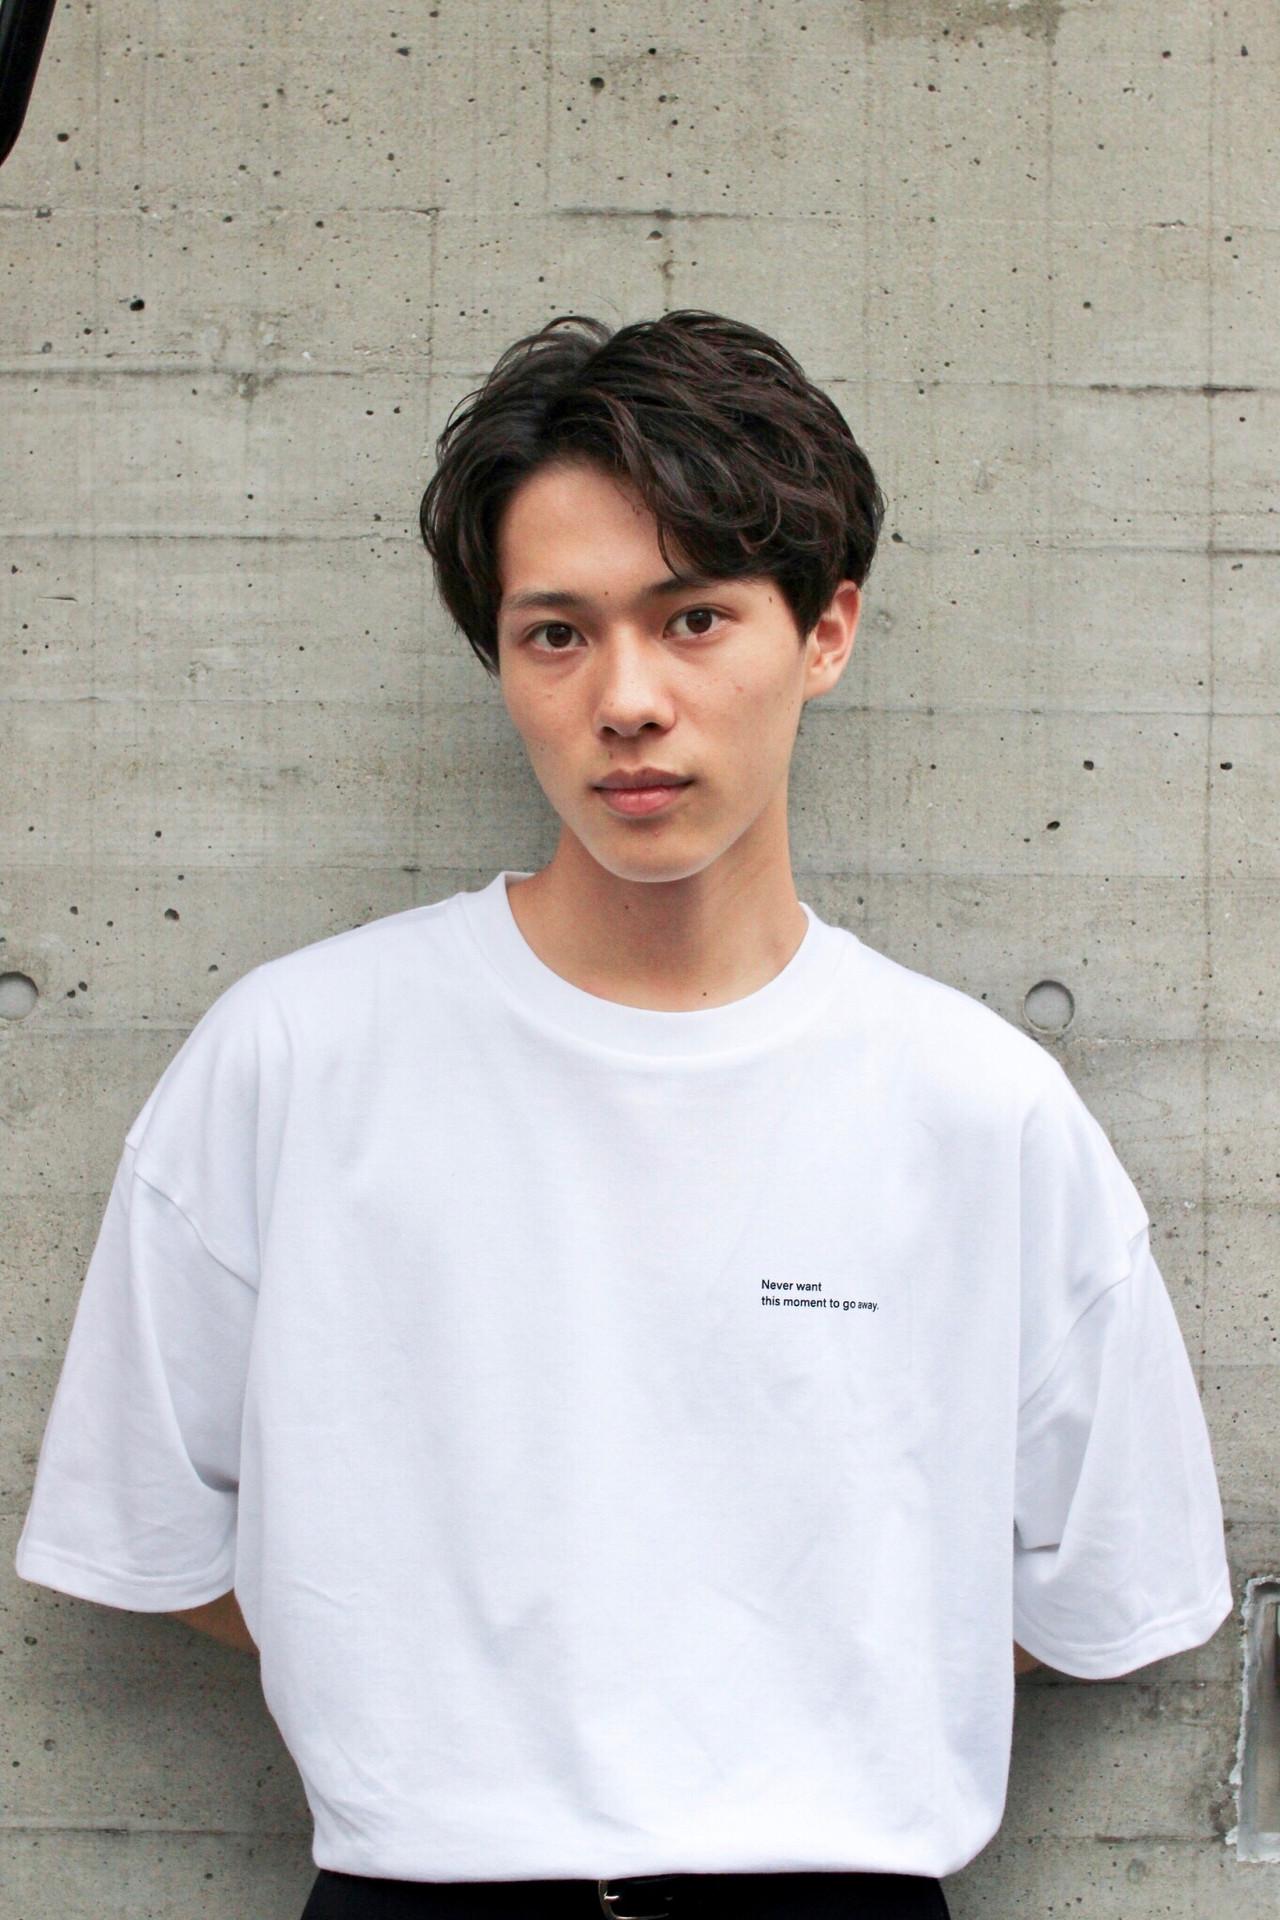 白Tシャツを着た若い男性